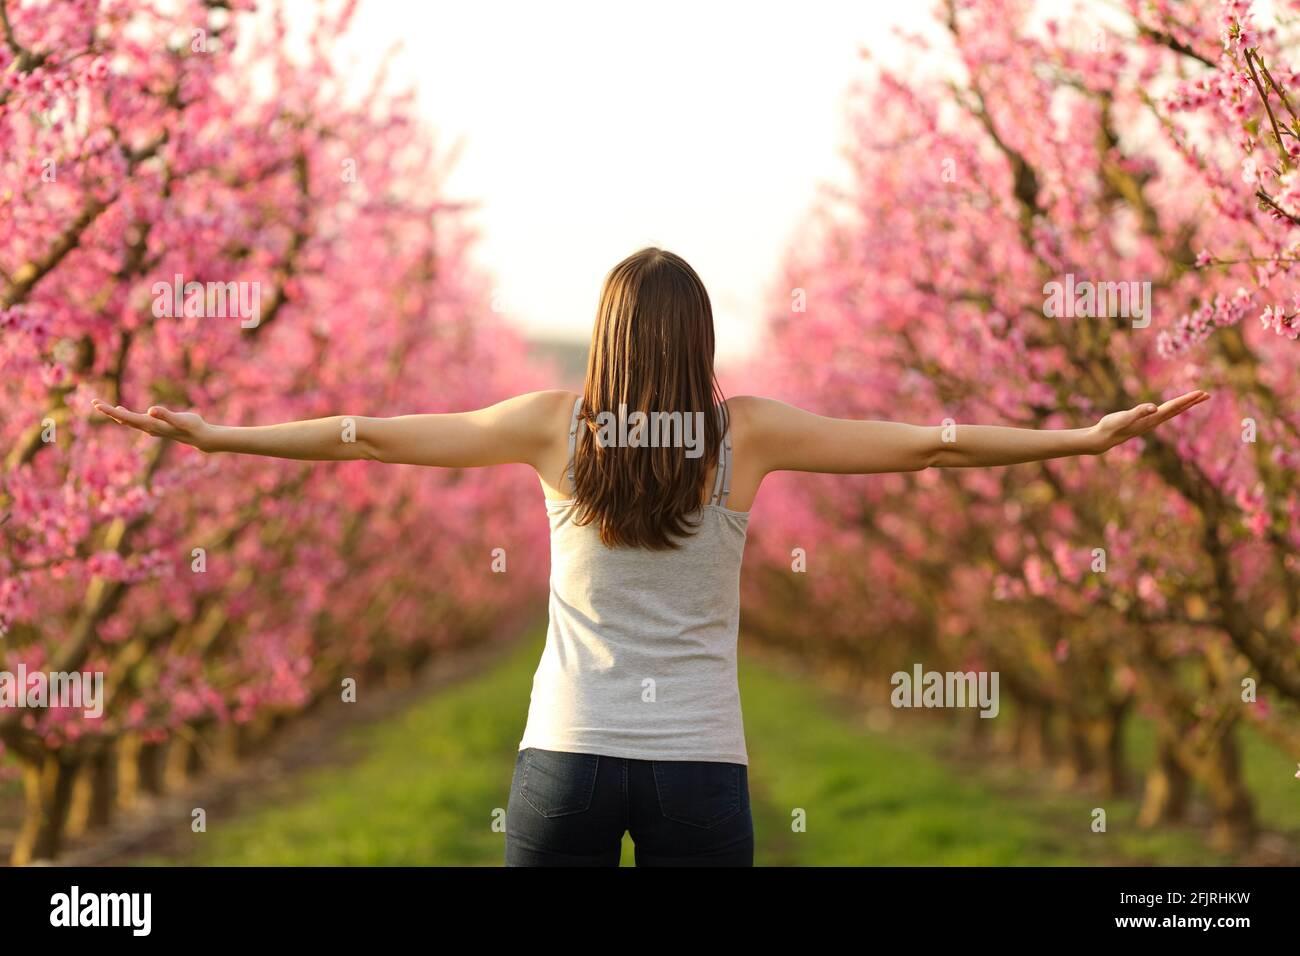 Rückansicht Porträt einer jungen Dame, die die Arme ausstreckt und feiert Frühling in einem rosa Feld Stockfoto